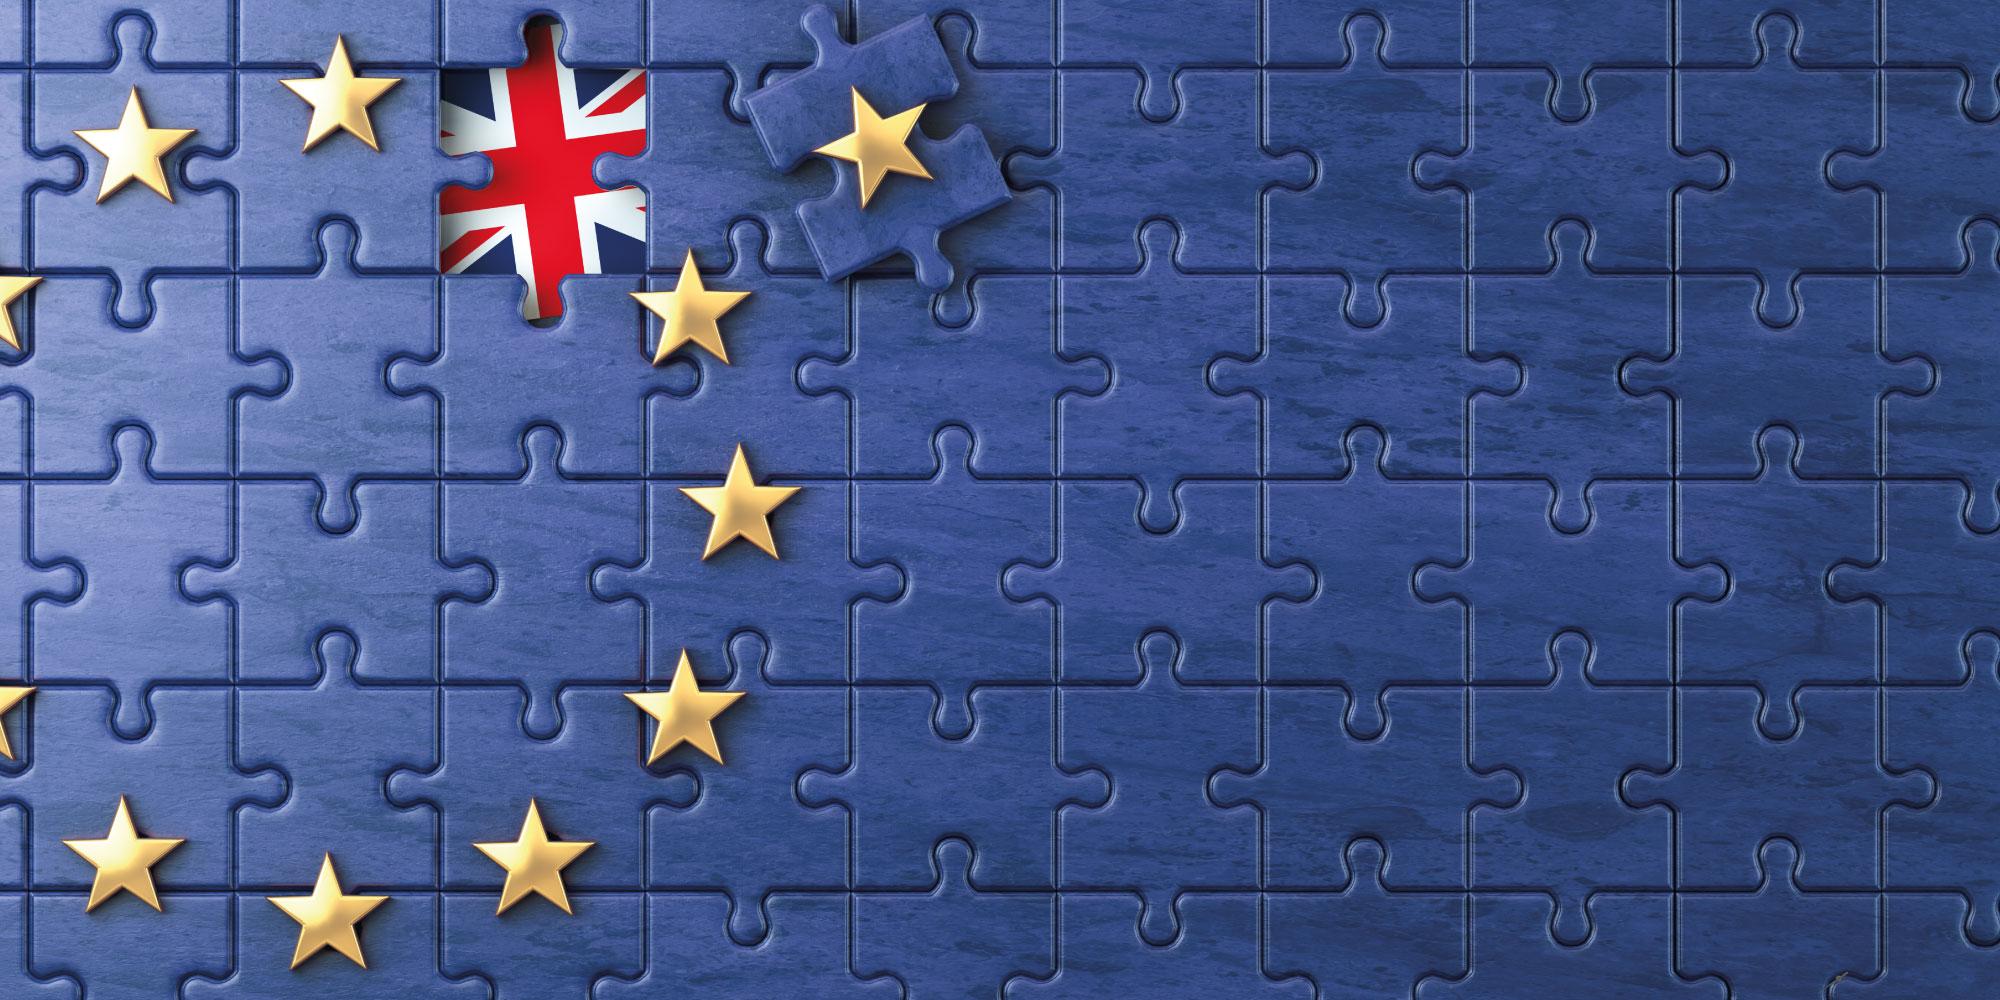 nuovi-requisiti-nel-commercio-ue-regno-unito-dopo-la-brexit